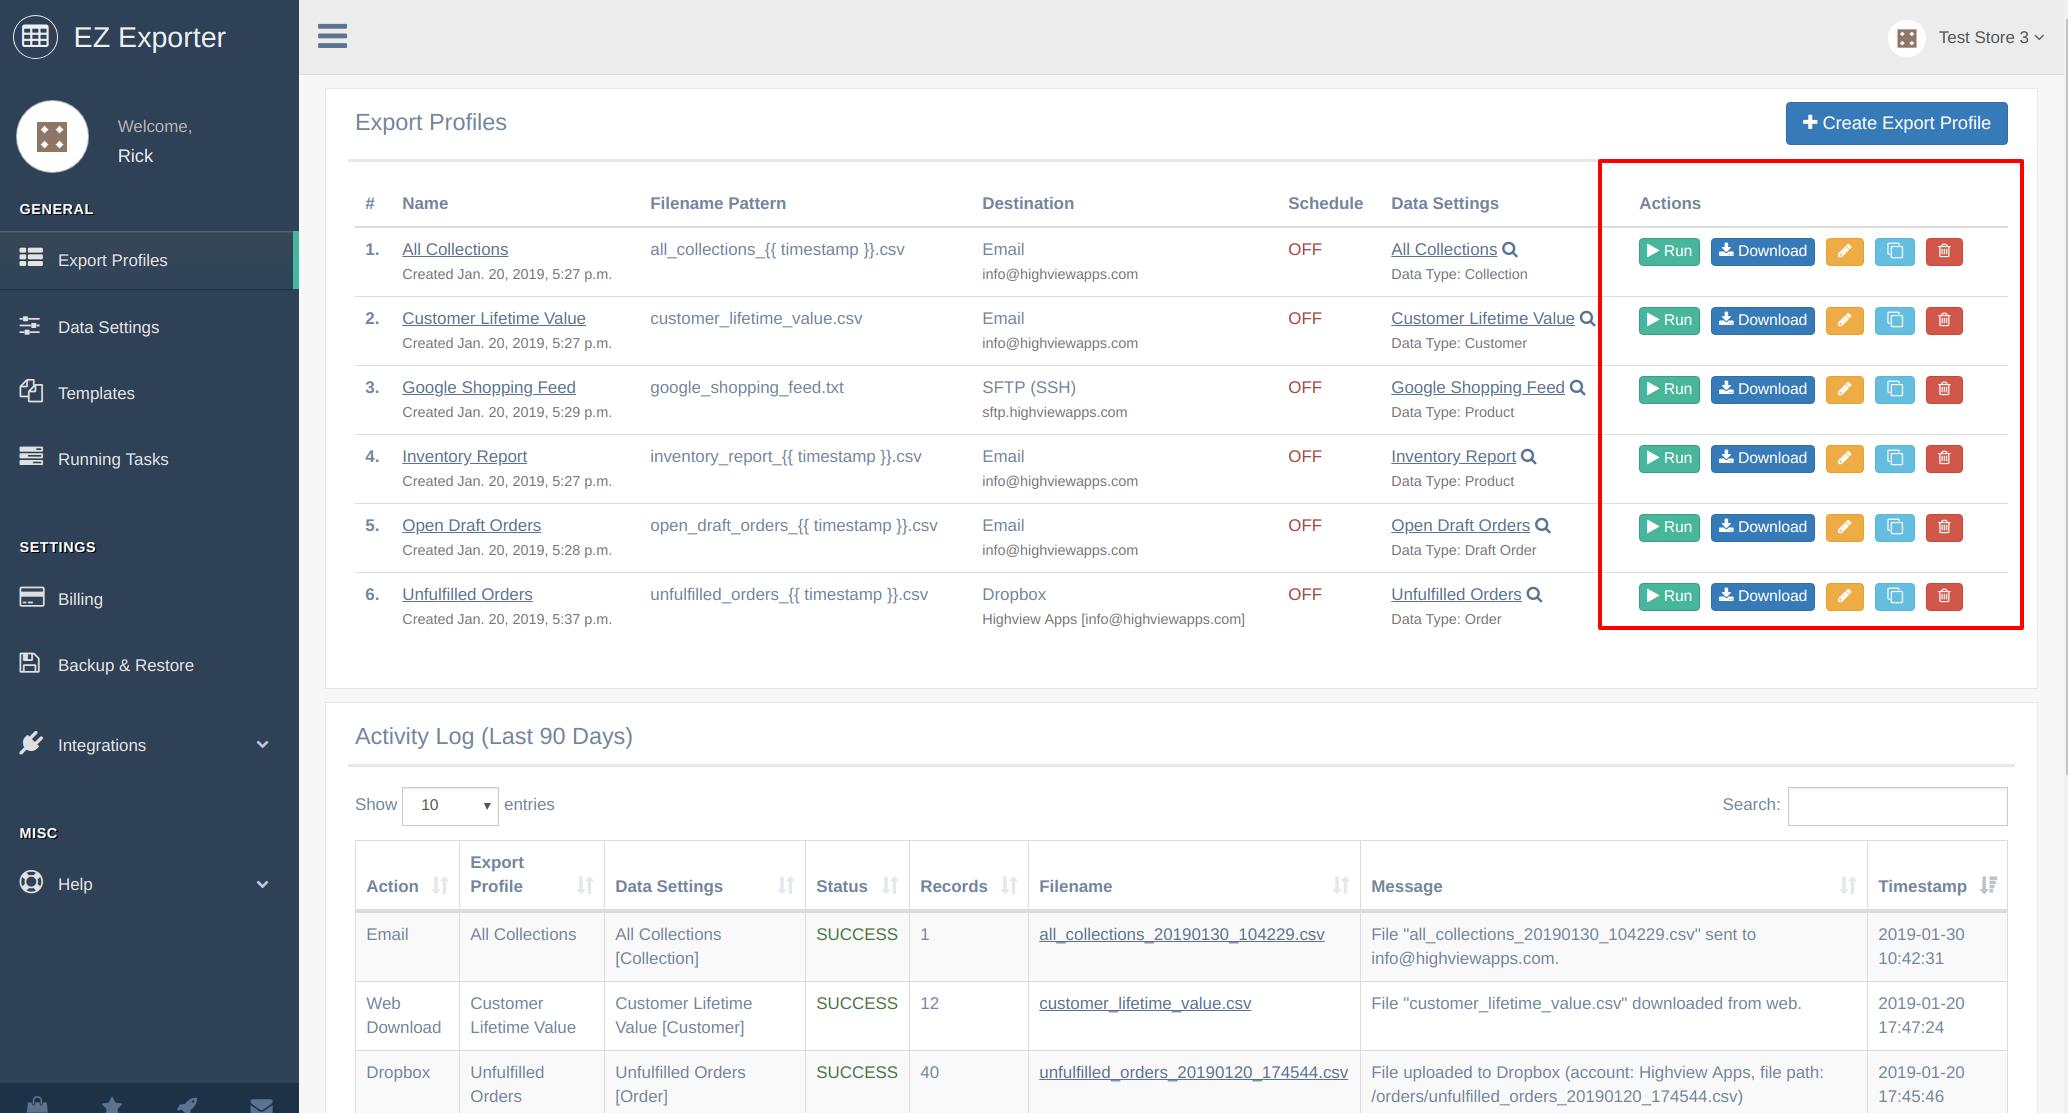 EZ Exporter - Shopify Data Exporter App - Export Profile Actions